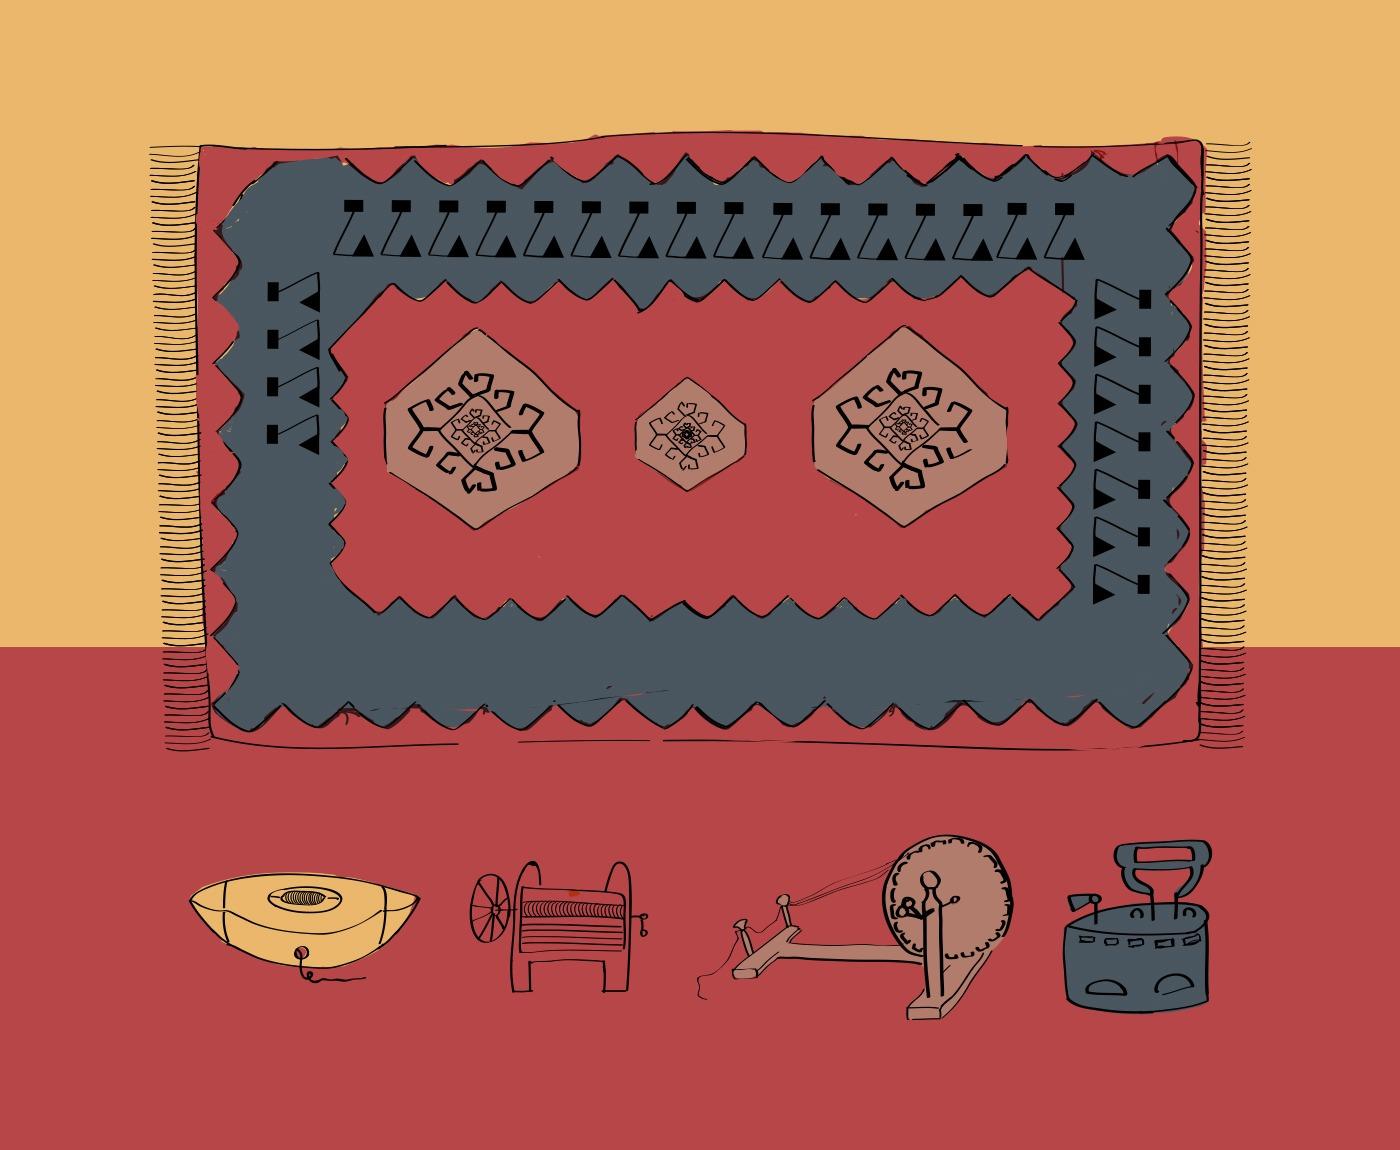 SalimArtboard 8 - Storytelling through Illustration with Salim Azzam